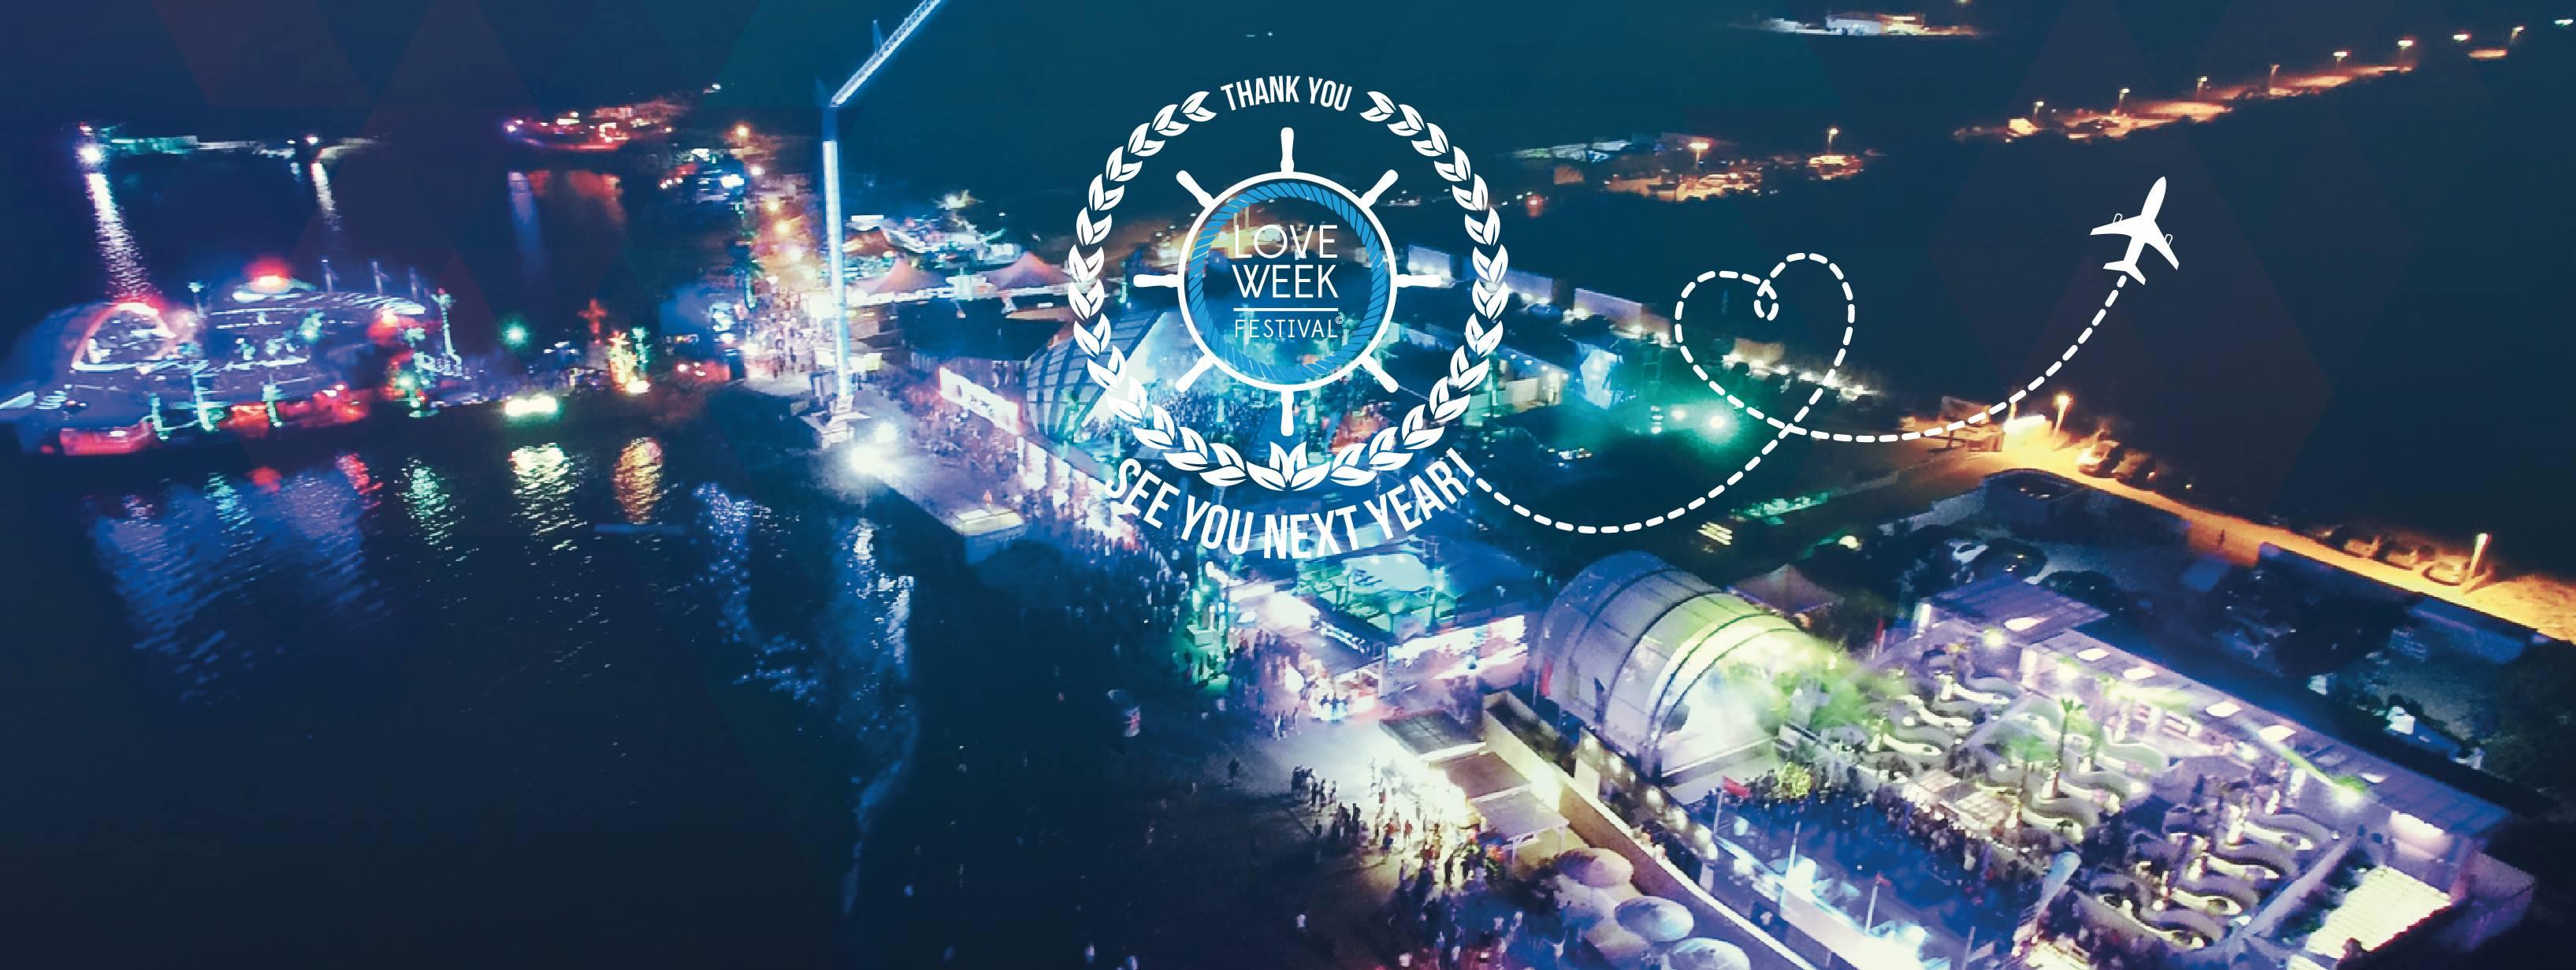 Loveweek Festival / Headliner Week